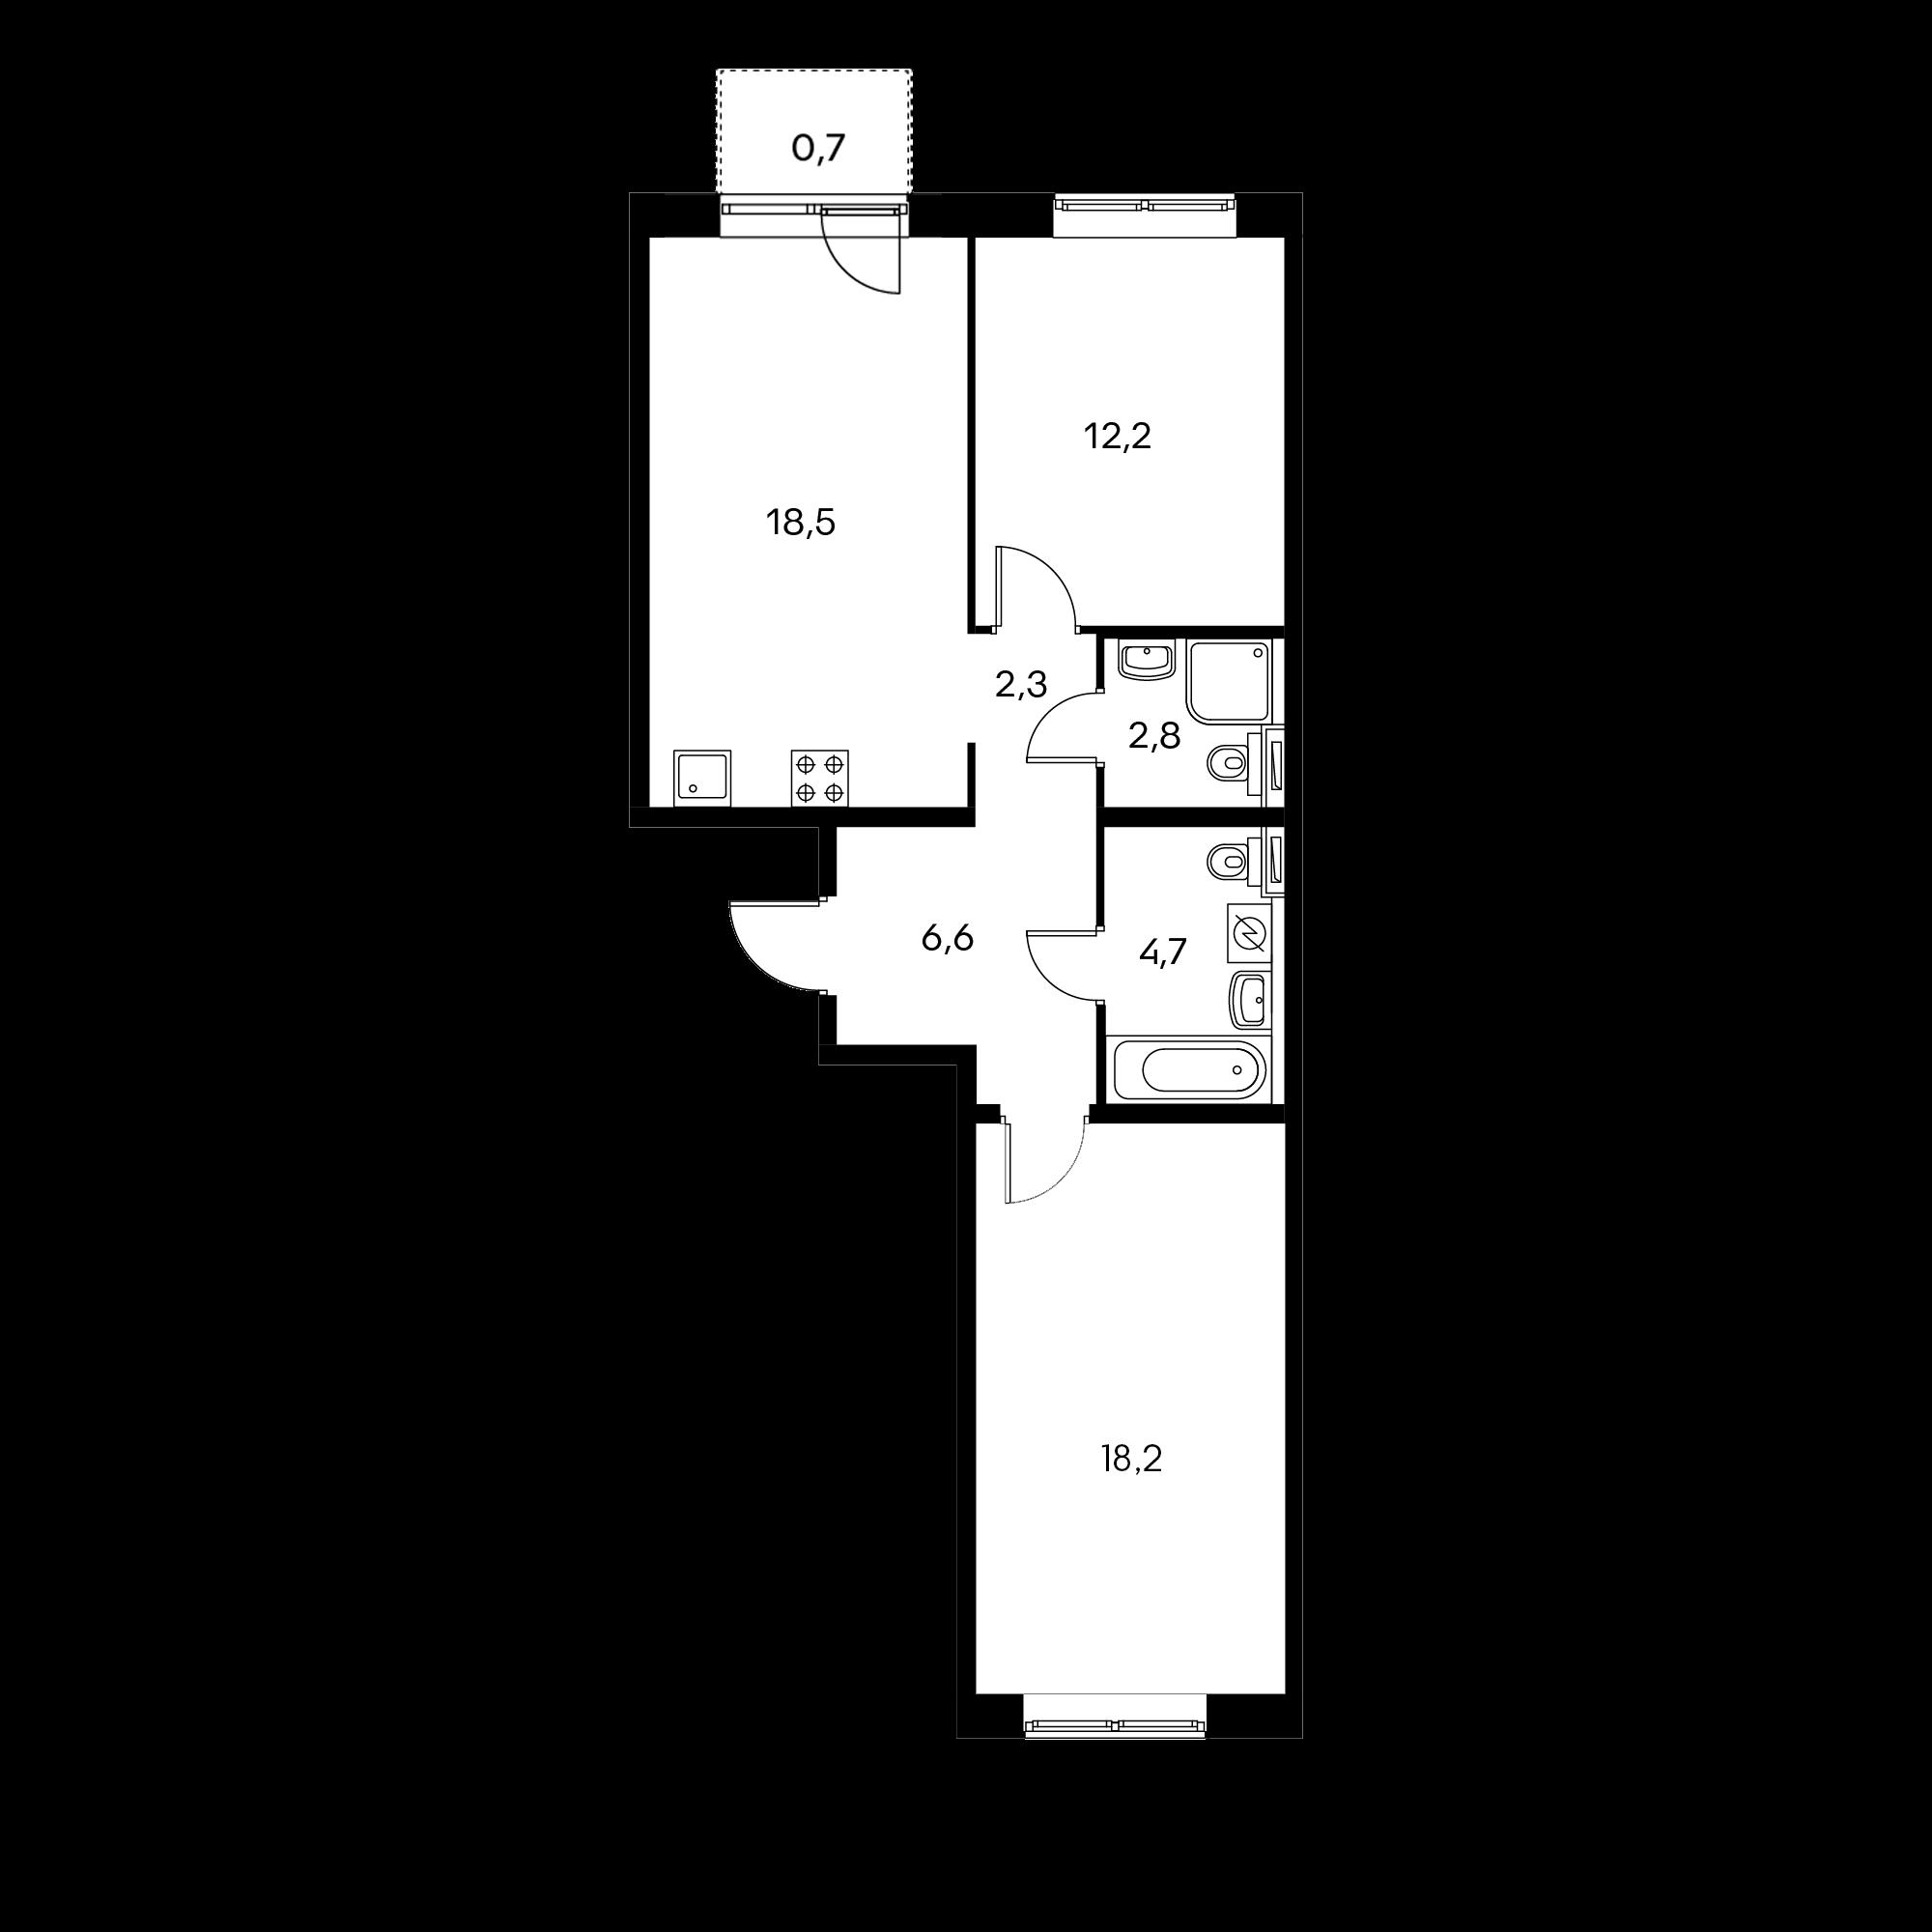 2EL3_6.6-1SAB2